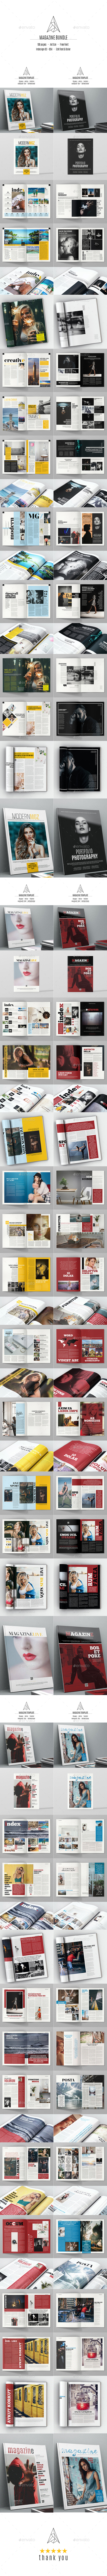 Magazine Bundle 120 Pages - Magazines Print Templates